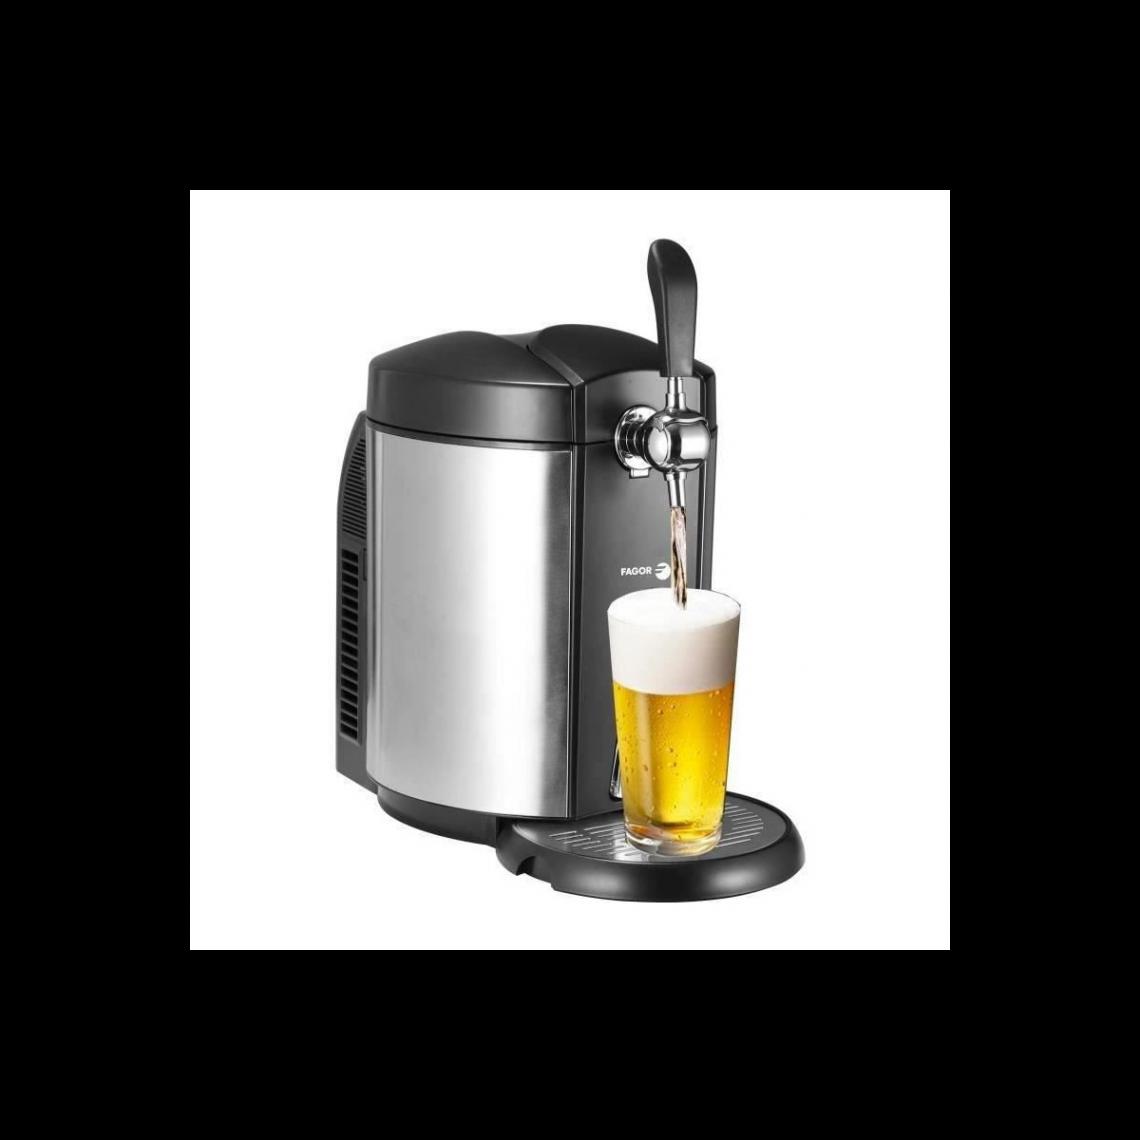 Fagor Tireuse à biere fût universel - 5L - FG317